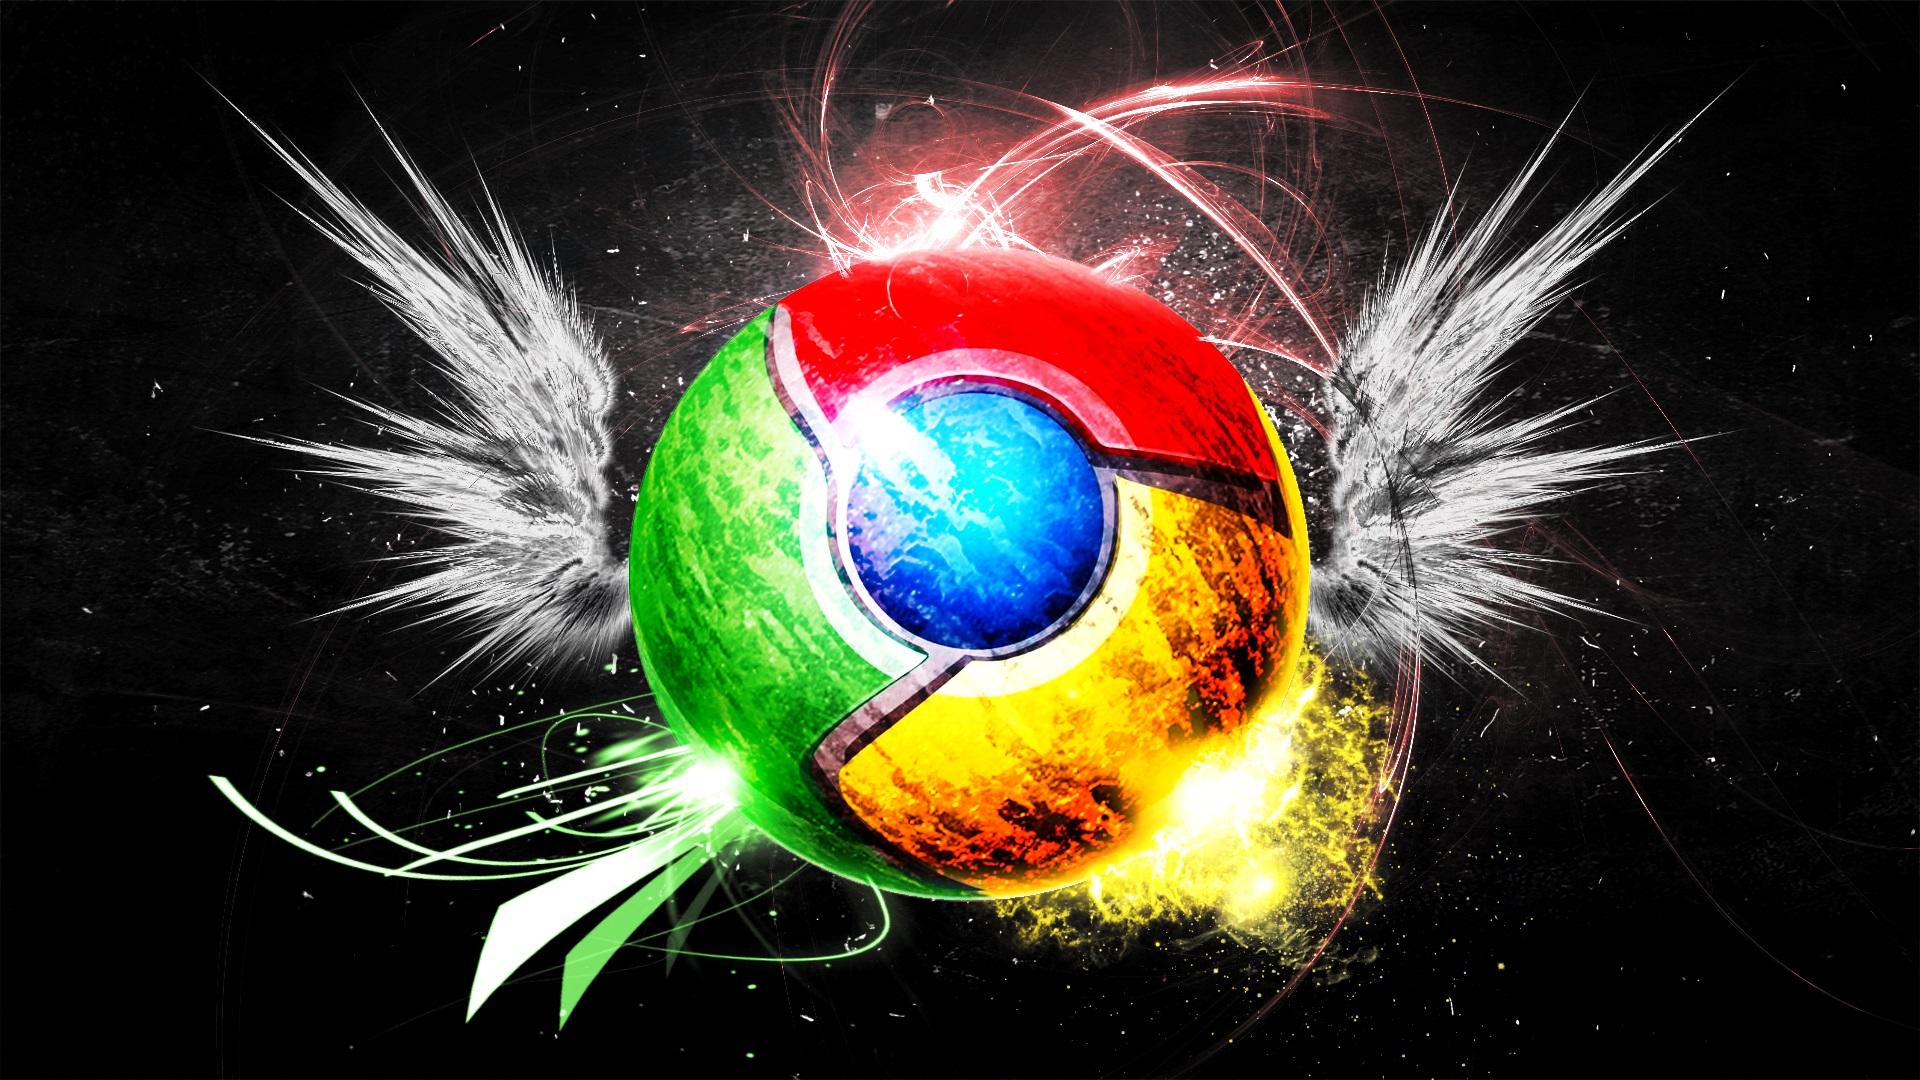 壁紙 Google Chromeのロゴ 創造 翼 カラフル 1920x1080 Full Hd 2k